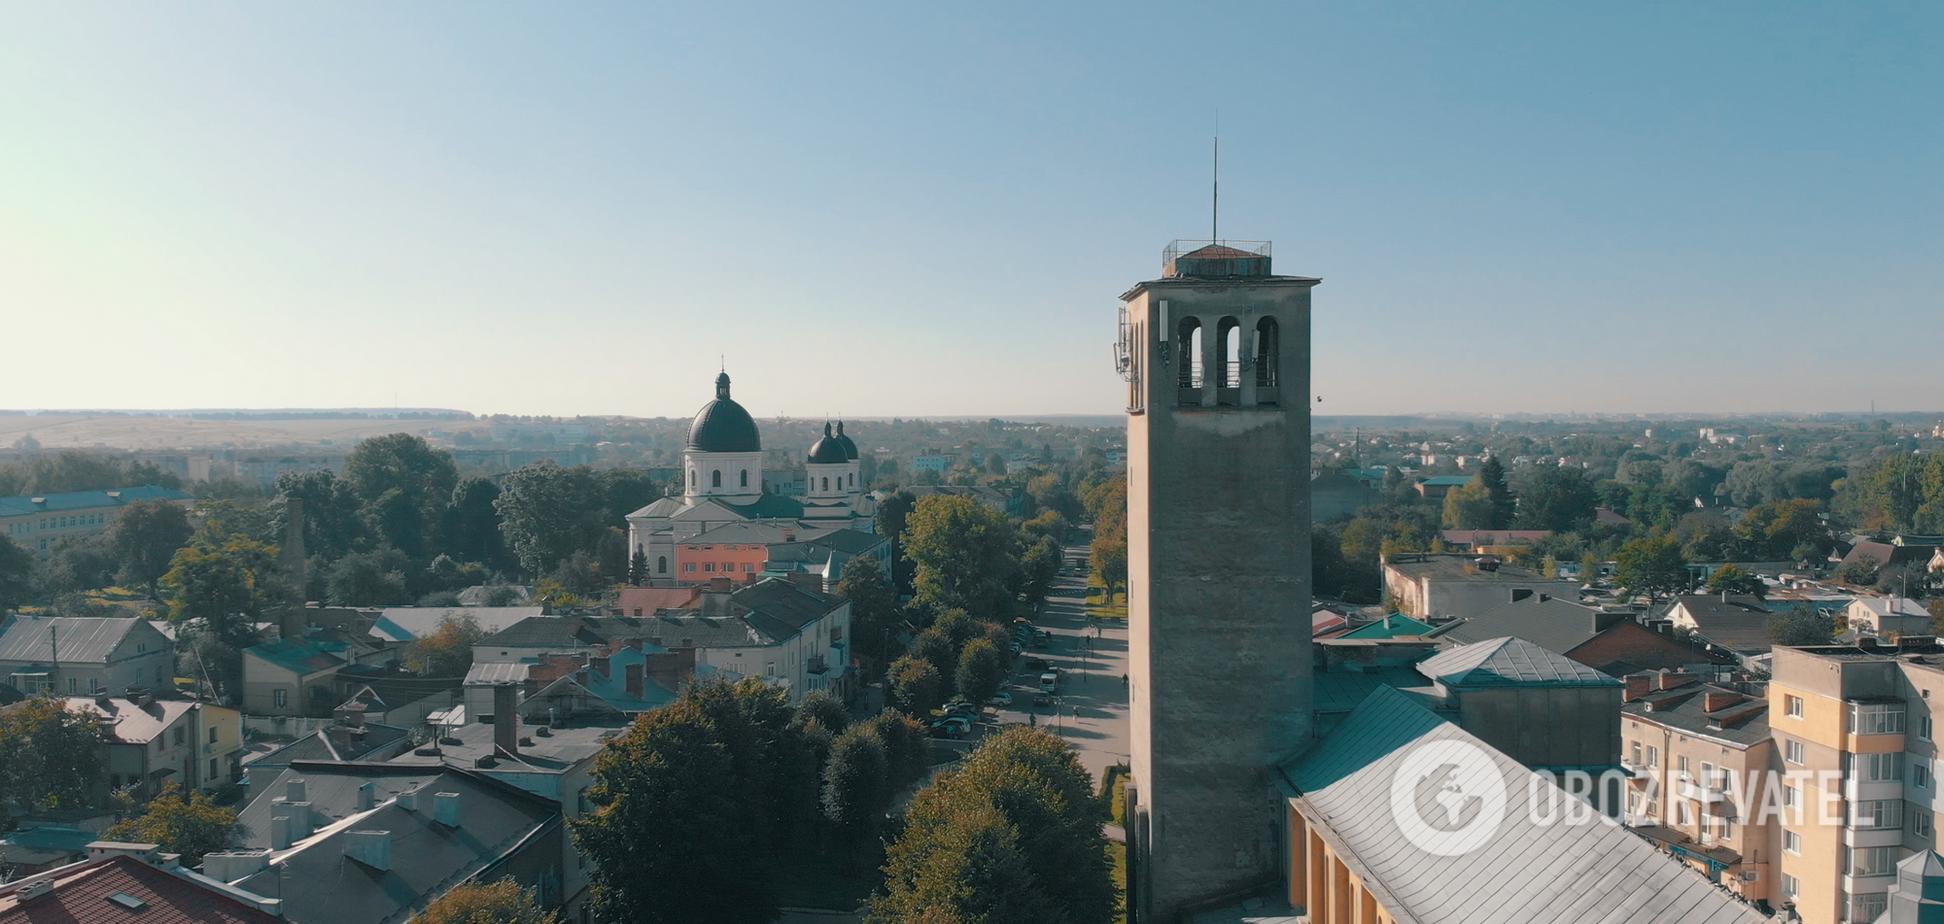 В Сокале вы найдете работы известного скульптора Григория Кузневича, который присоединился к отделке фасада львовского вокзала